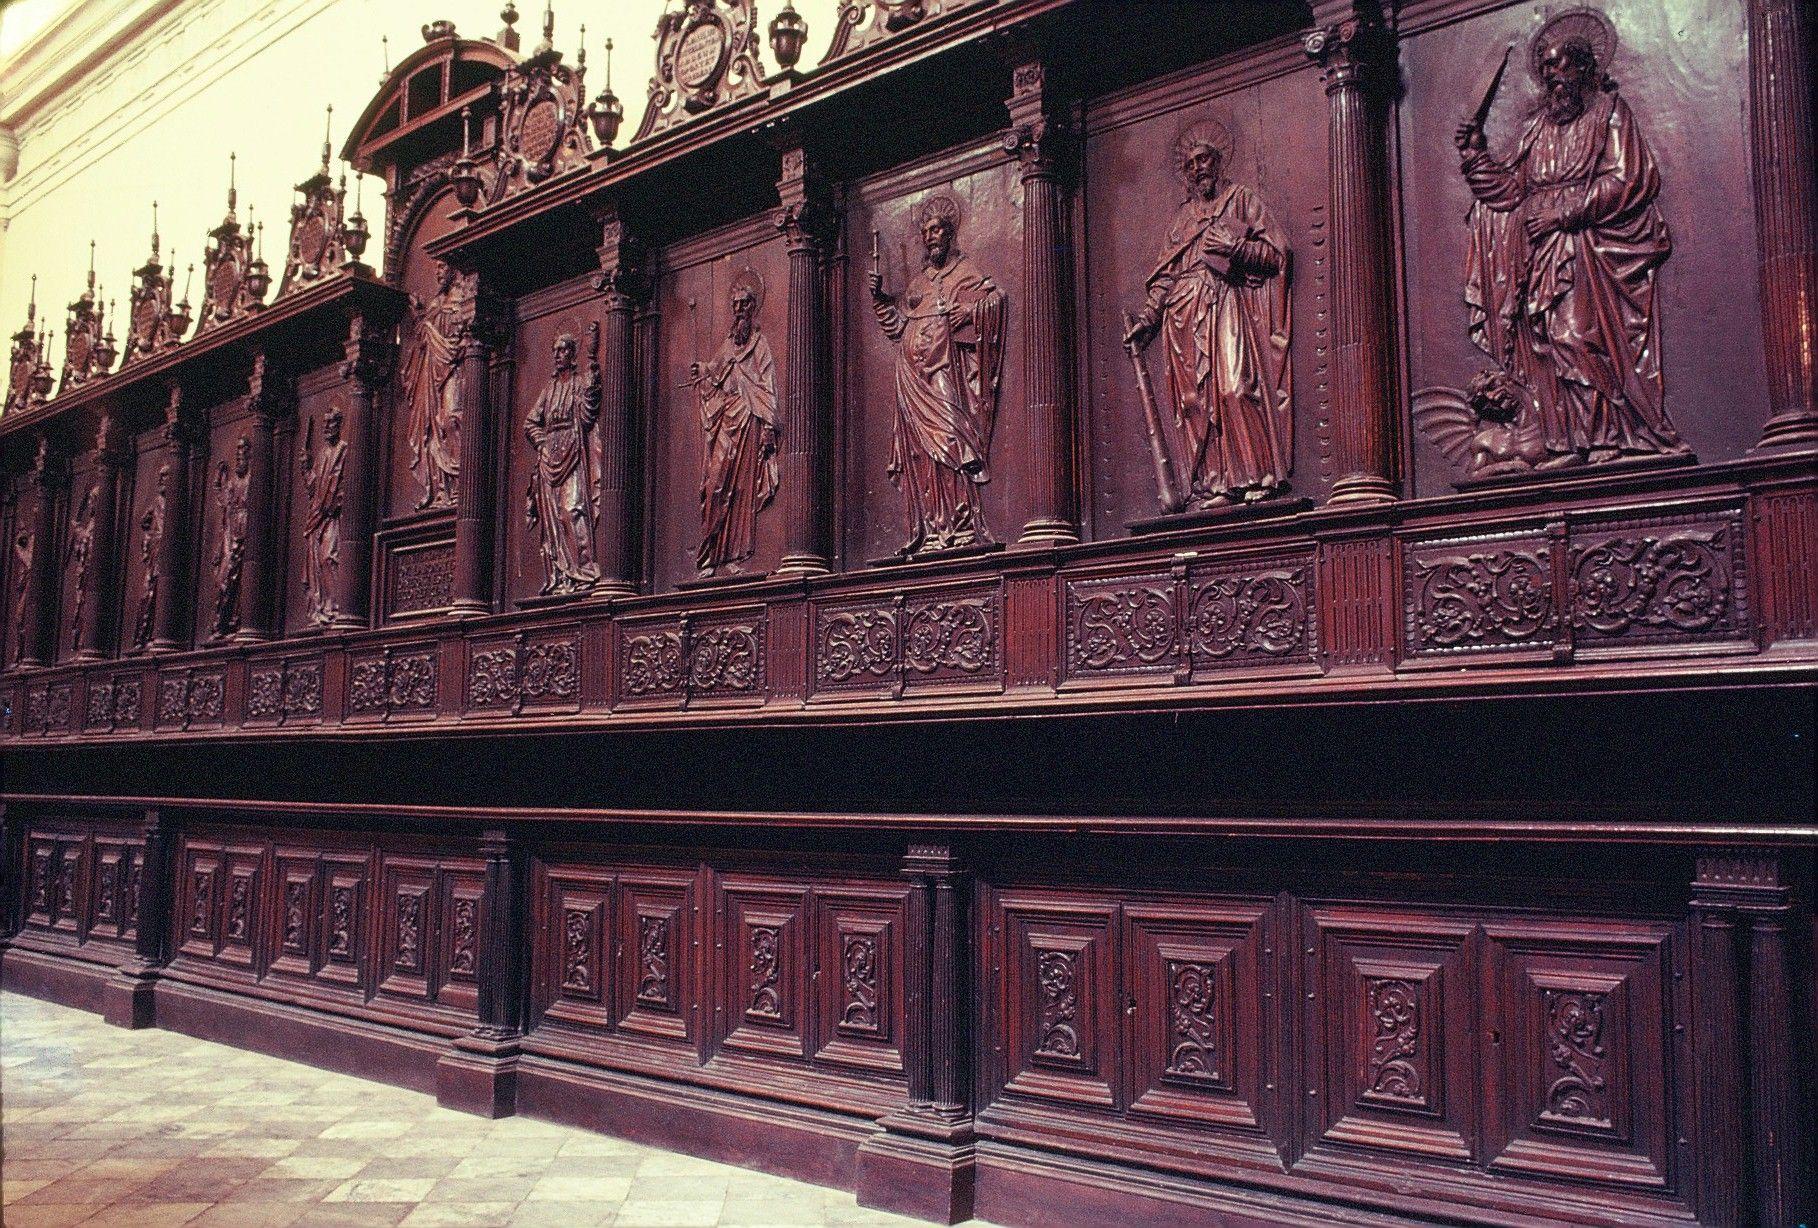 La Catedral Cajonería De La Sacristía Universidad Católica Sedes Sapientiae Landmarks Building Louvre